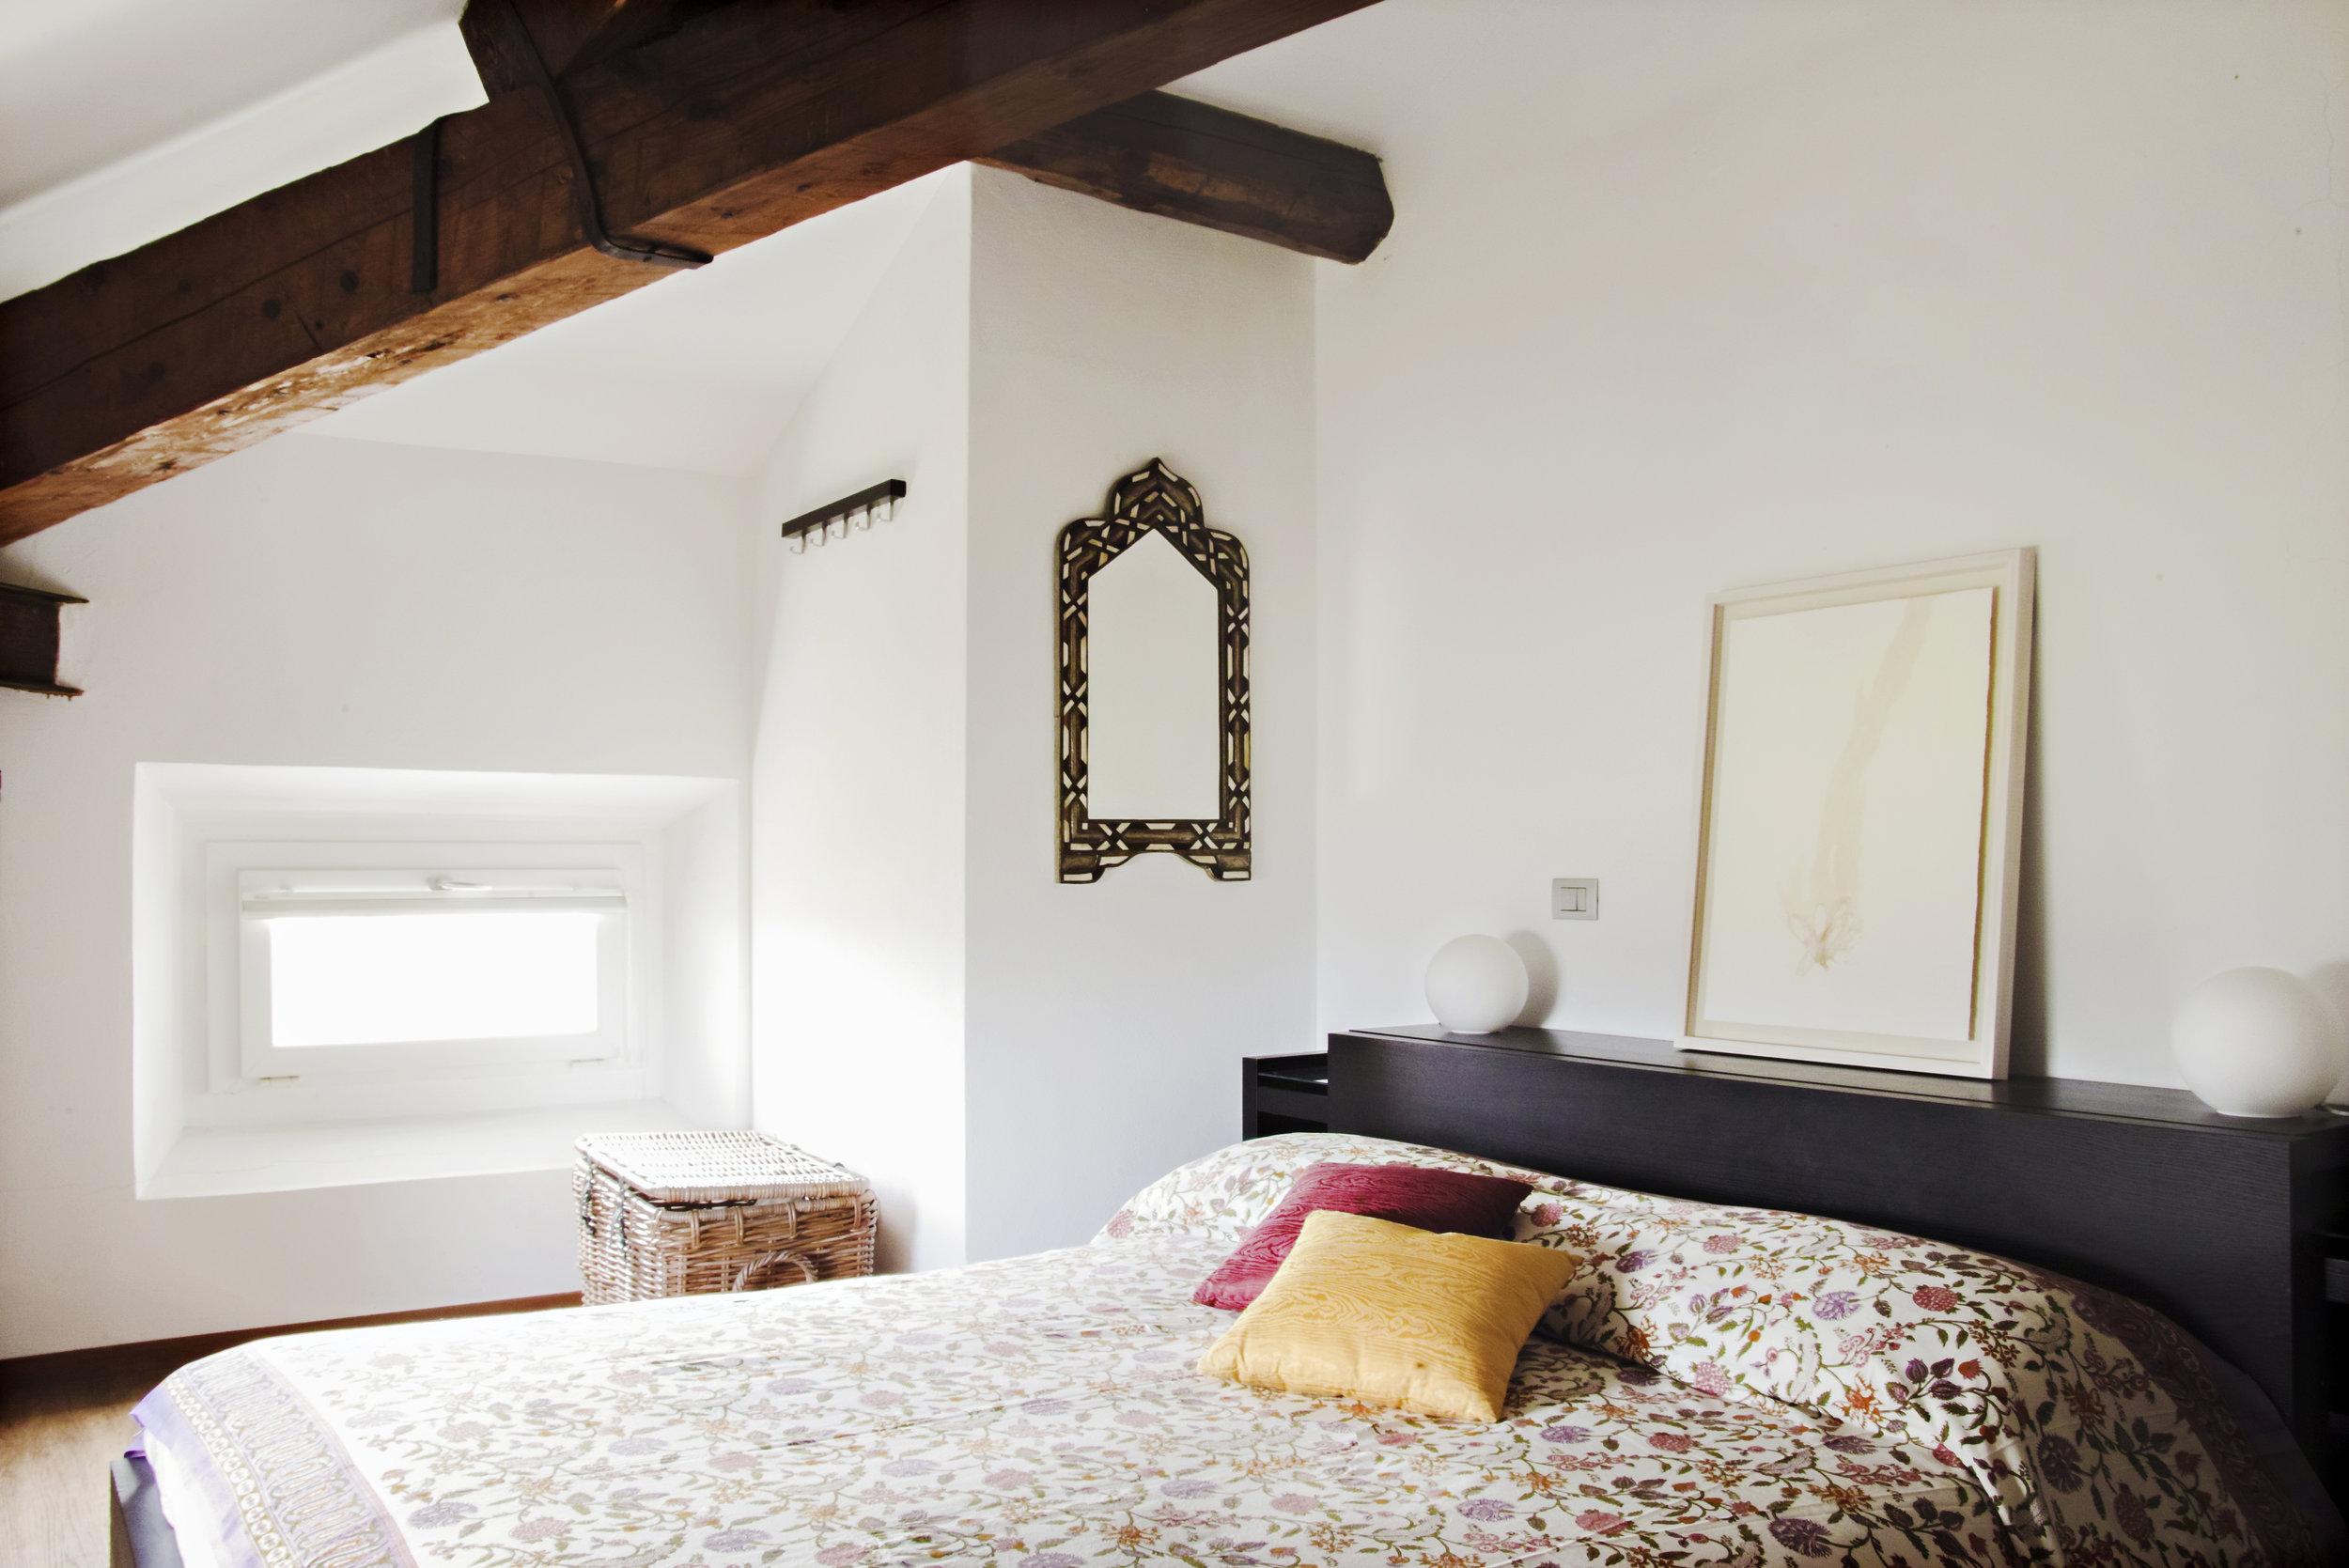 CAMERE - Le due camere private offrono uno spazio accogliente e confortevole per i tuoi soggiorni.SCOPRI CAMERE